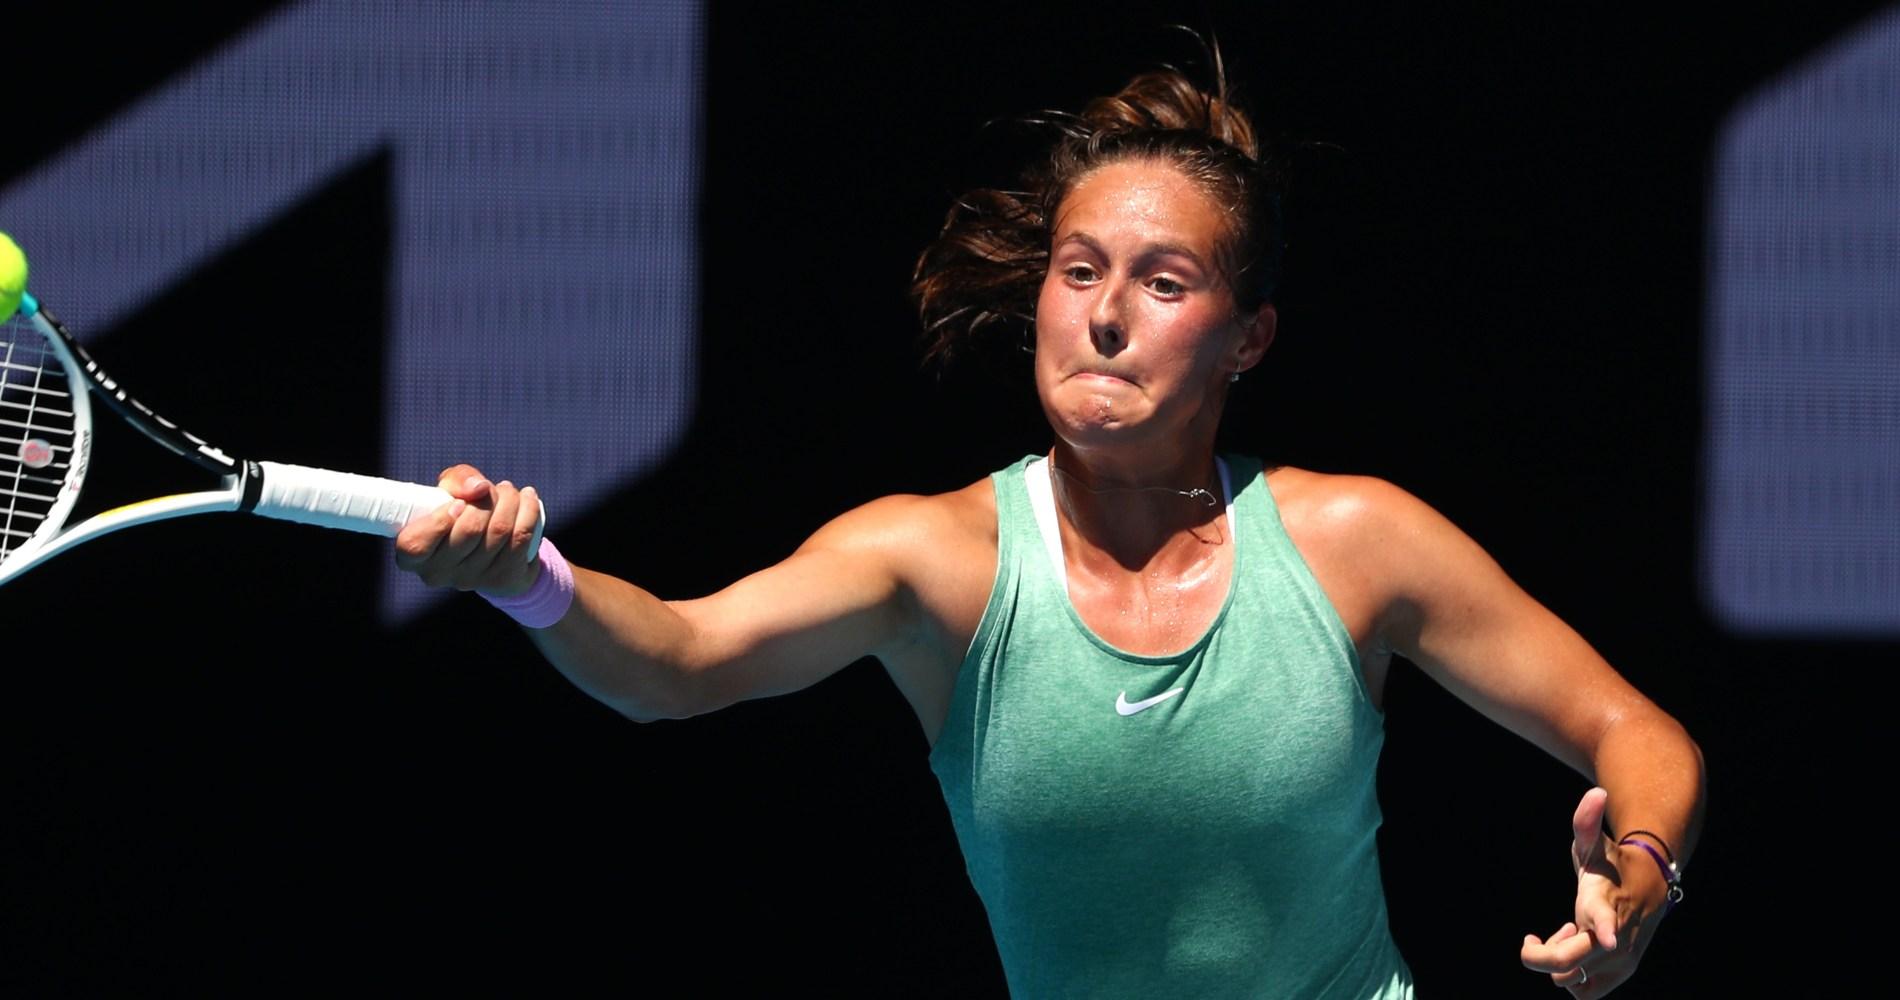 Daria Kasatkina, Australian Open, 2021